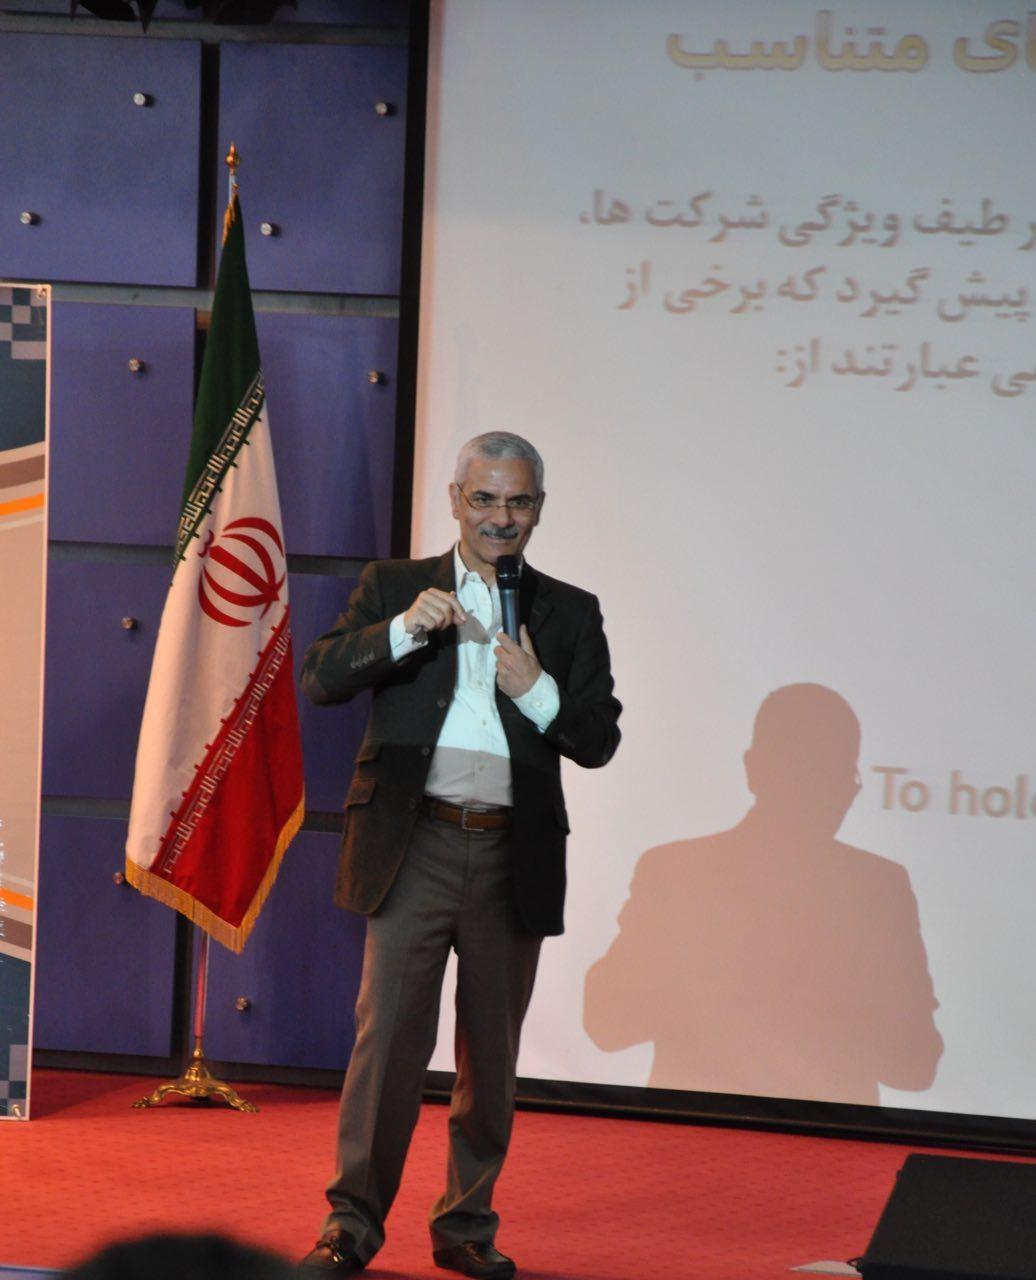 پیش بینی های یک اقتصاددان برای اقتصاد ایران درسال 95/ بانک،مسکن،ارز و بورس چه شرایطی خواهند داشت؟